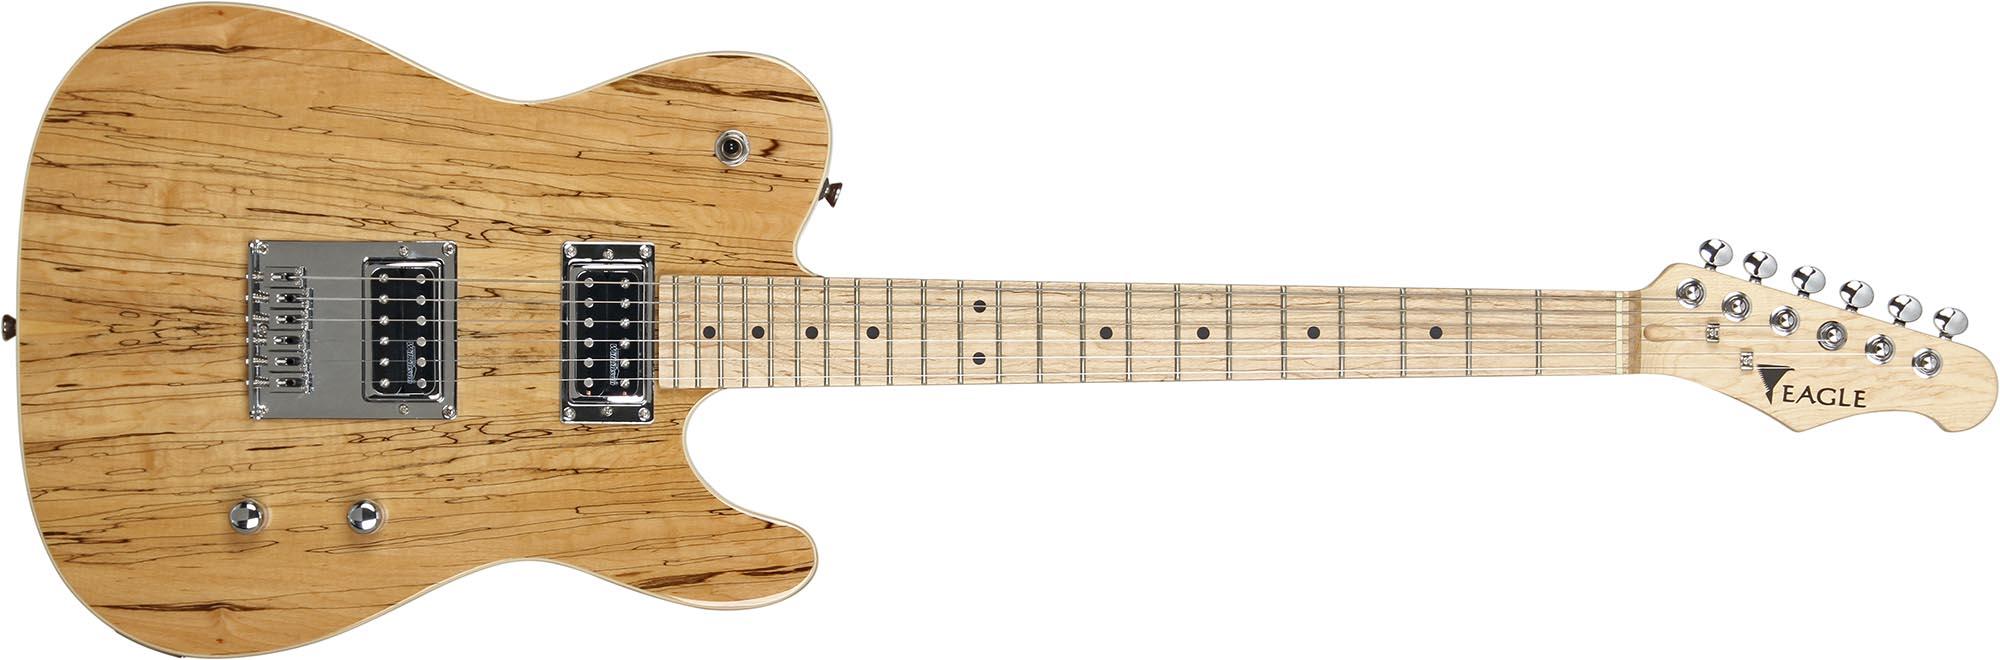 etl003 guitarra telecaster captador humbucker eagle etl003 visao frontal